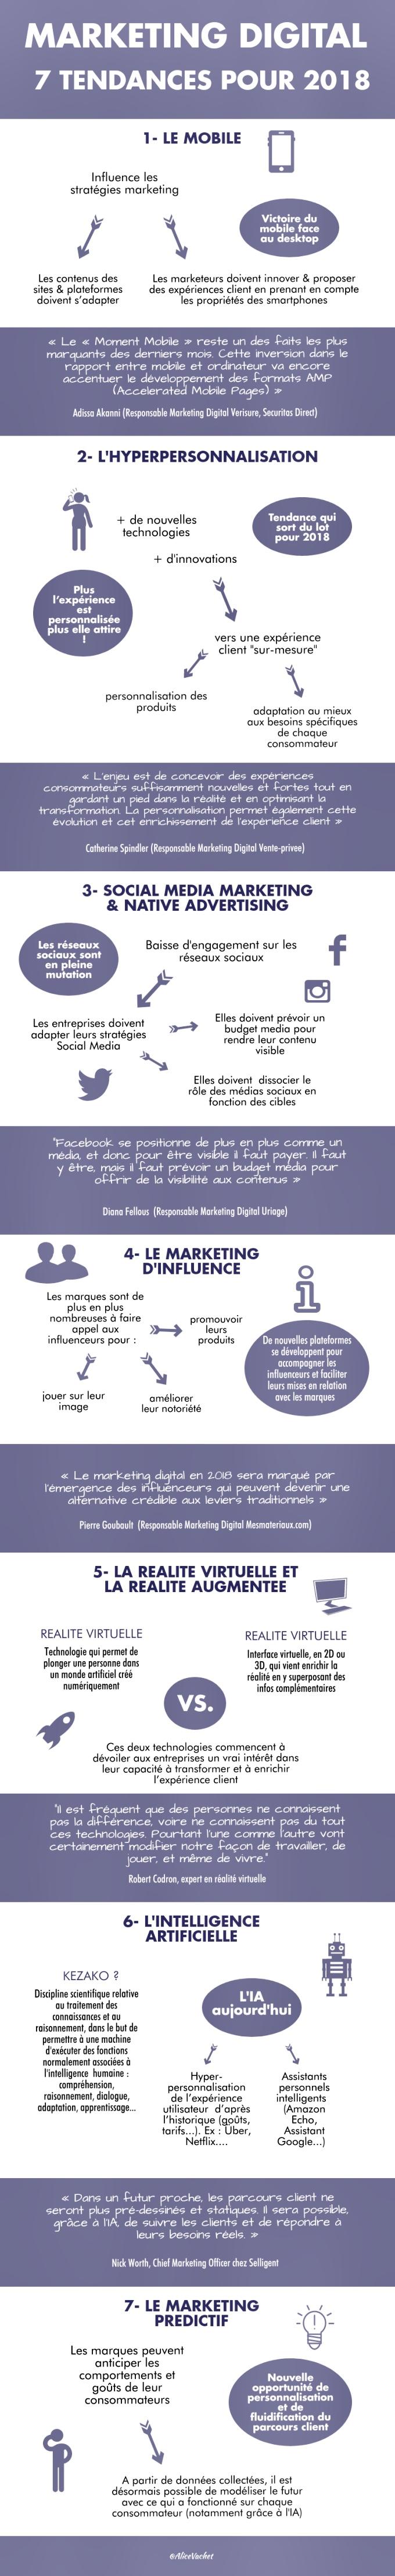 [Infographie] Marketing Digital : 7 Tendances pour 2018📊